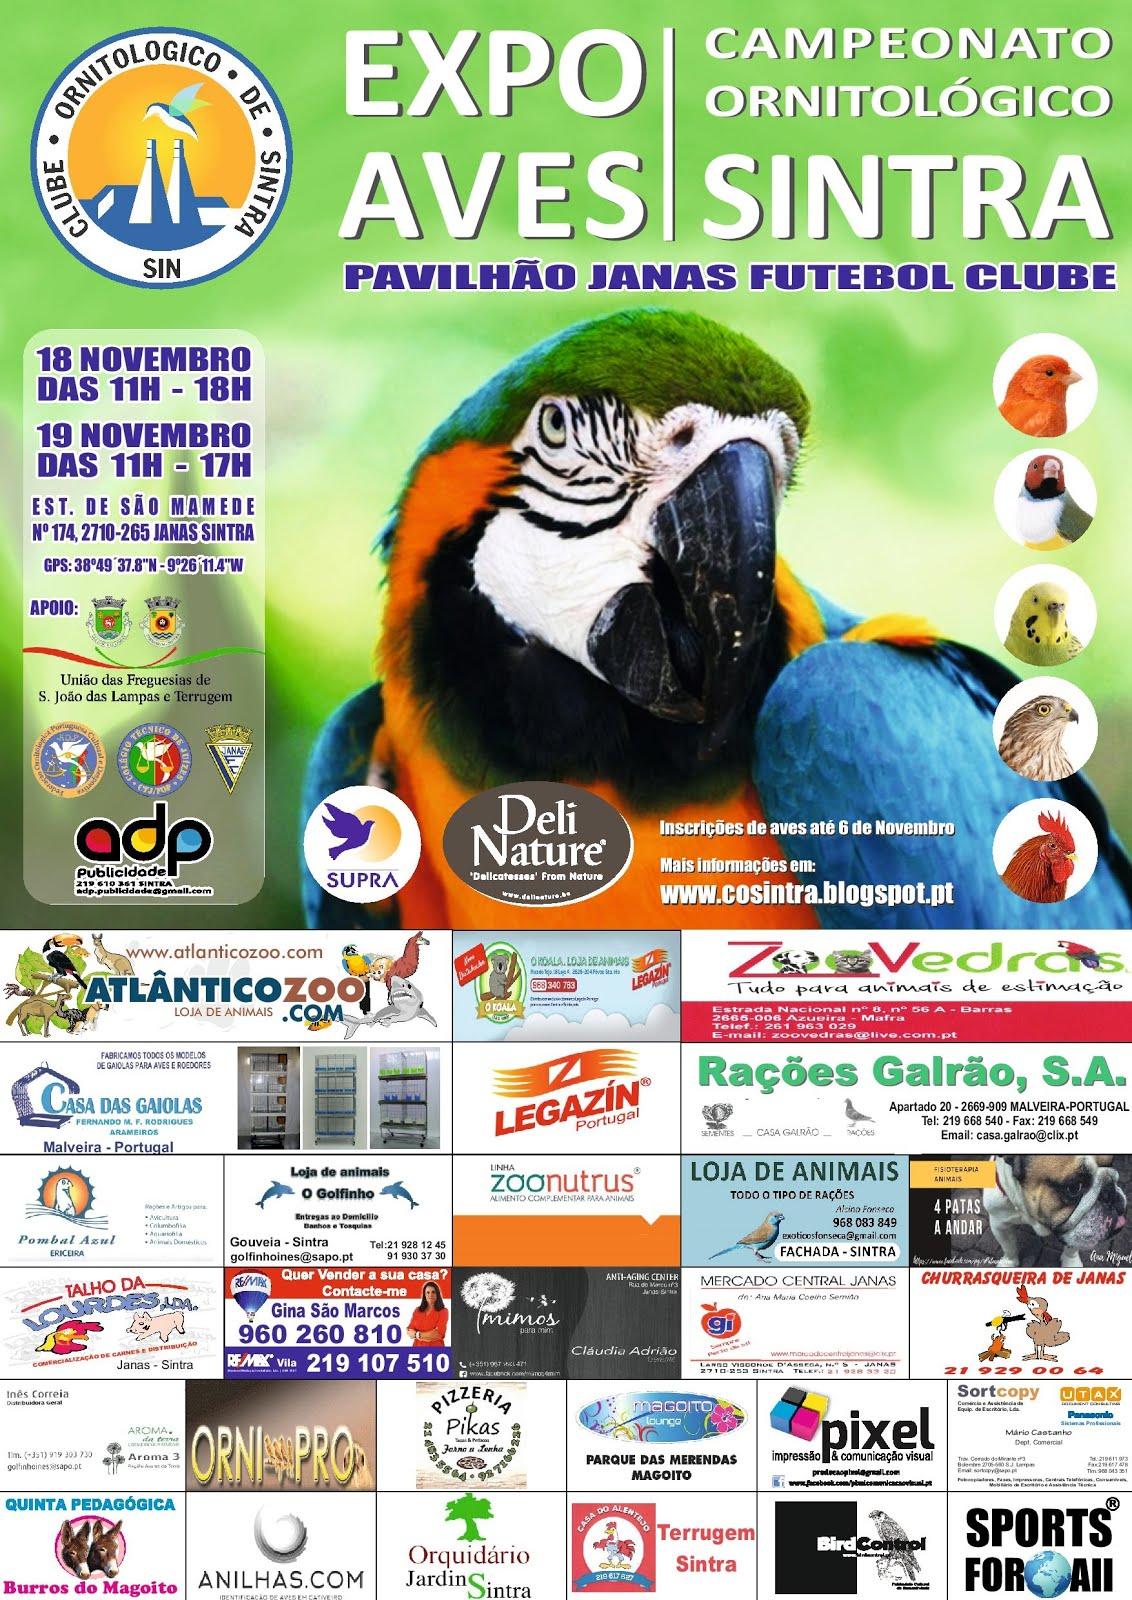 Campeonato Ornitológico de Sintra 2017